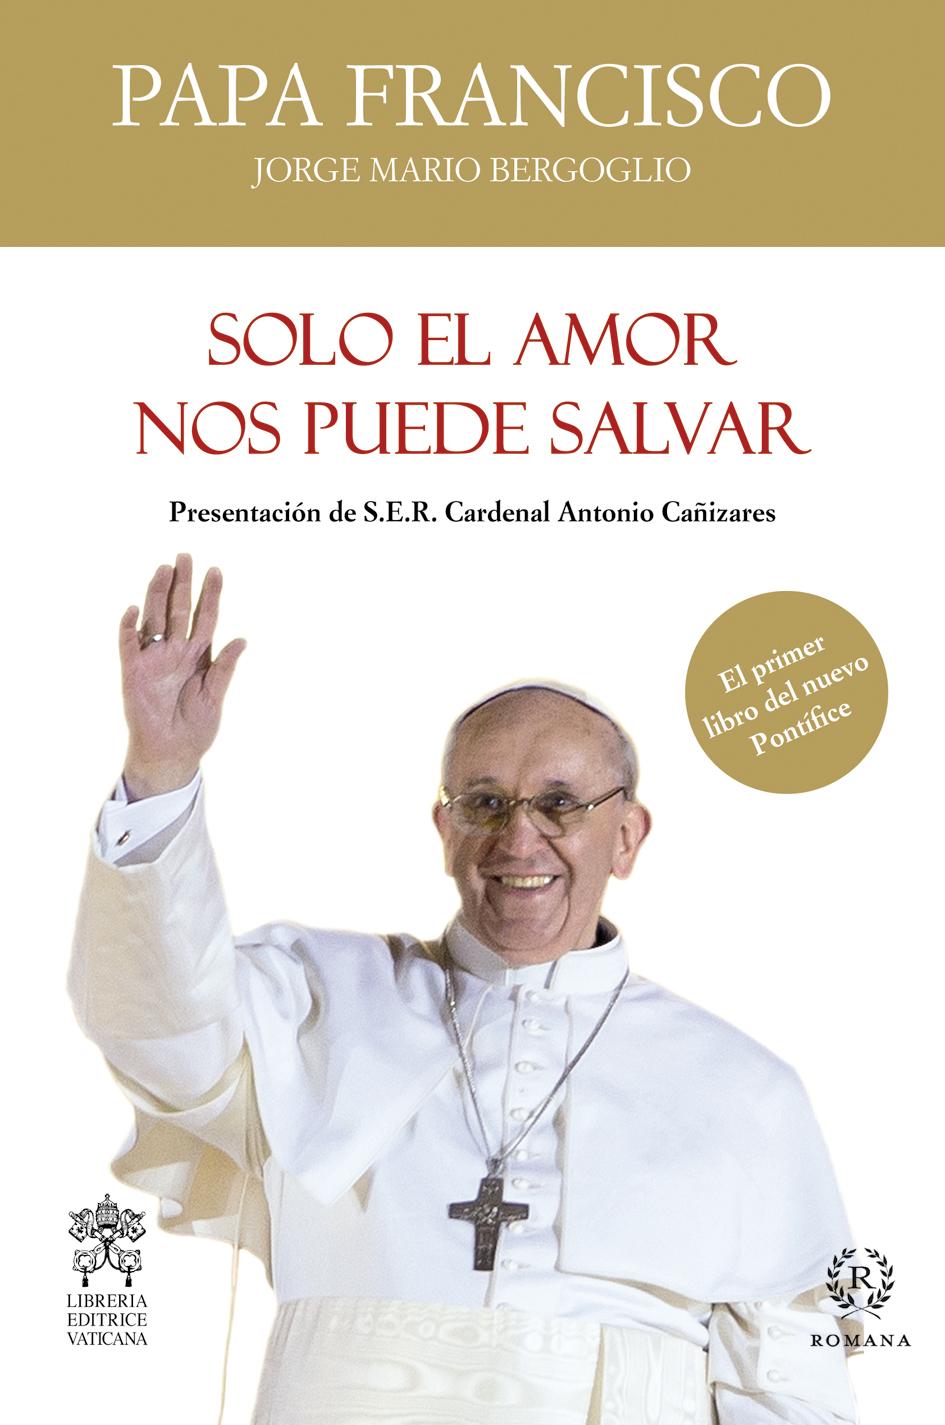 Publican el primer libro escrito por el papa Francisco | Diario YA